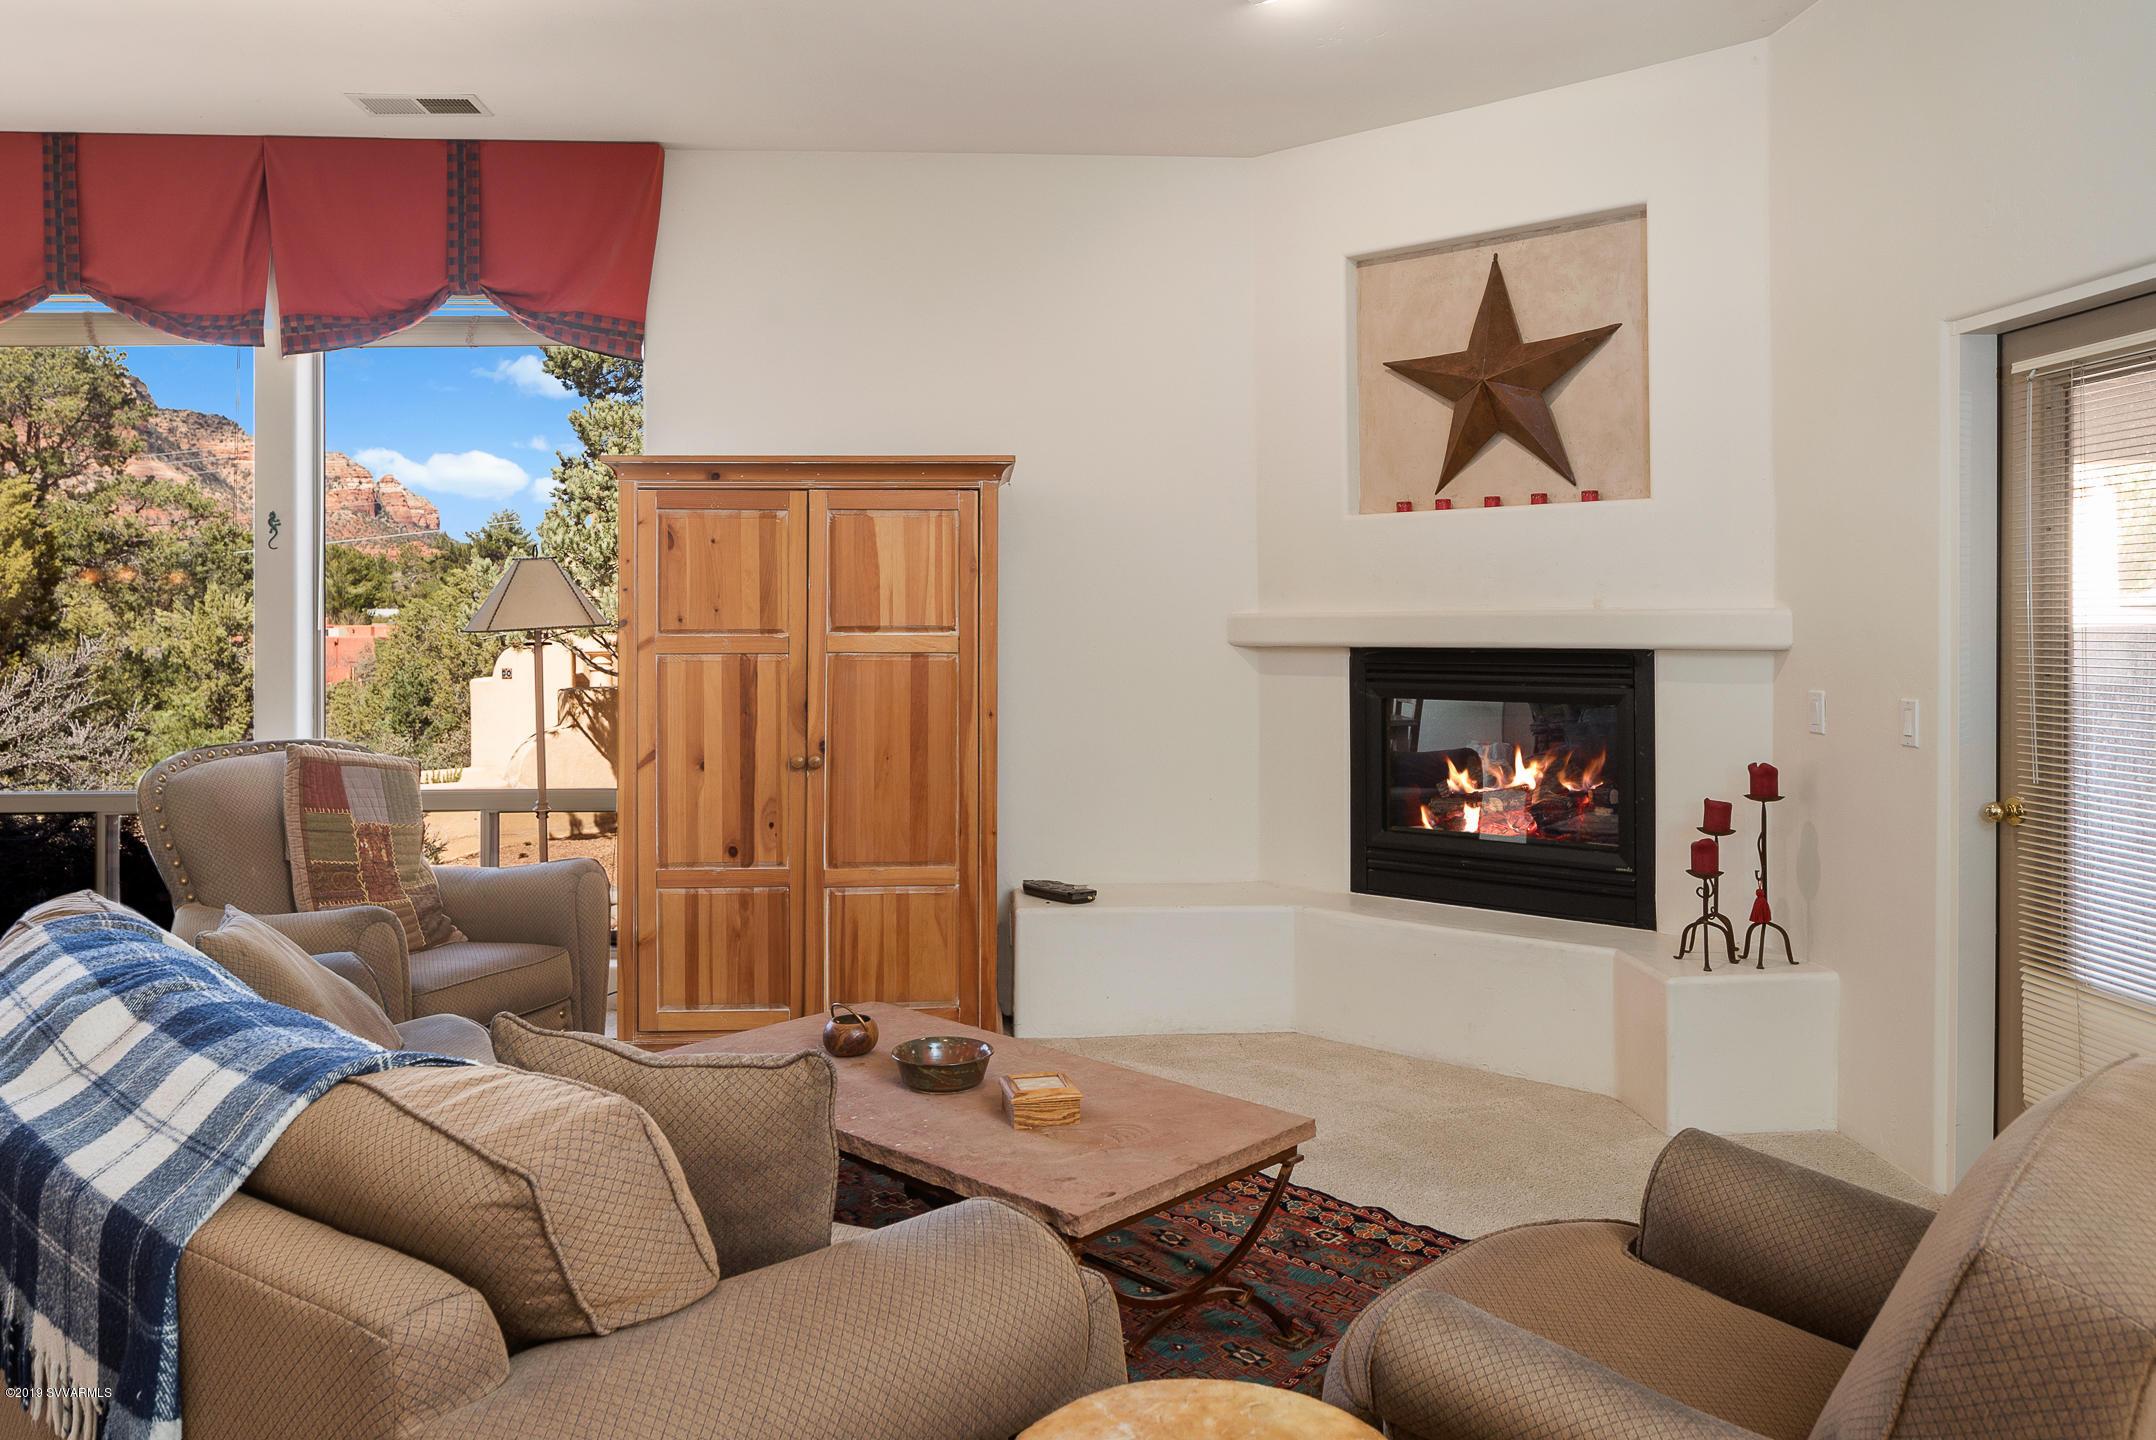 20 Cascabel Court Sedona, AZ 86351